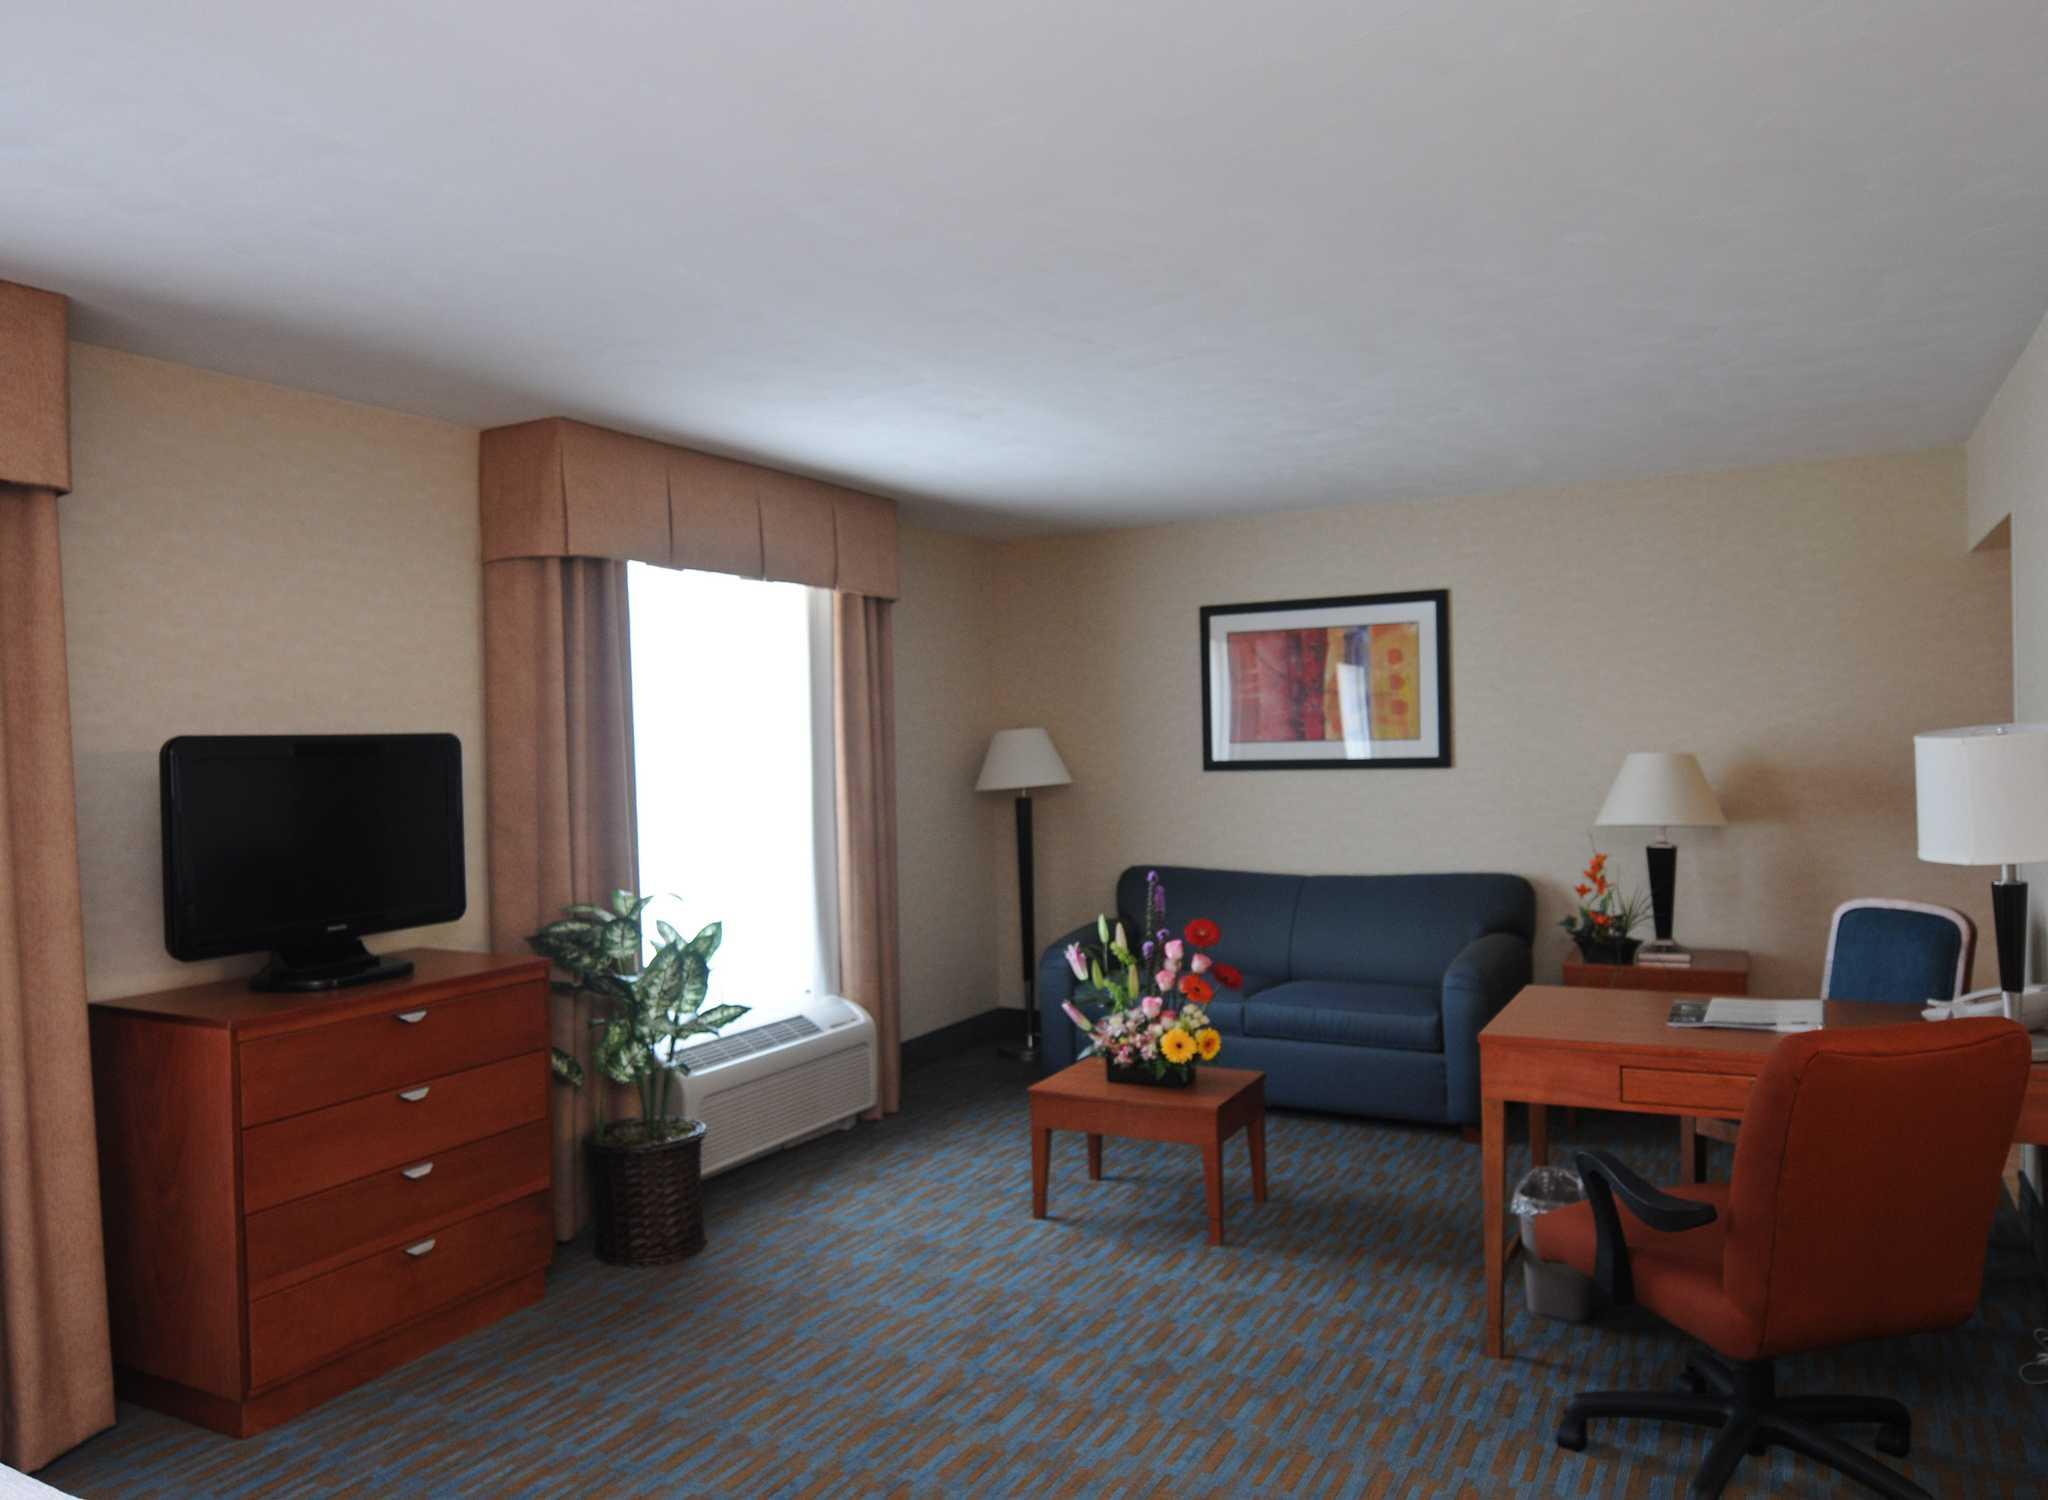 Hampton Inn By Hilton Querétaro Tecnológico, México   Sala De Estar De La  Suite